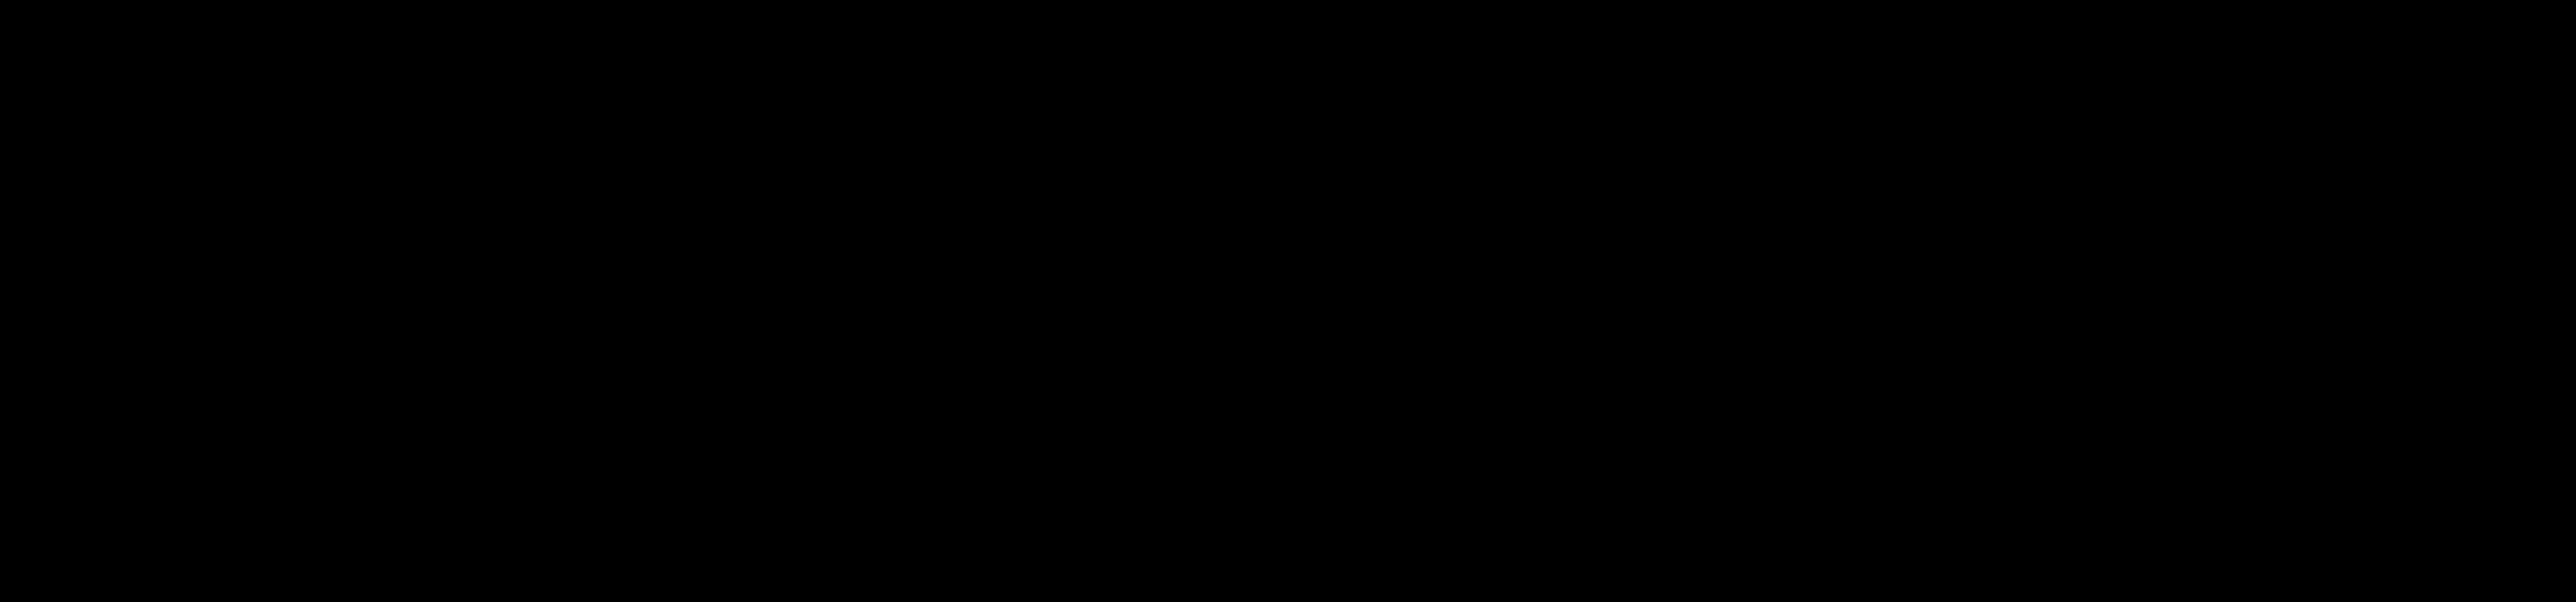 6-((6-Biotinoylamino hexanoyl)aminohexanoyl)propargylamine